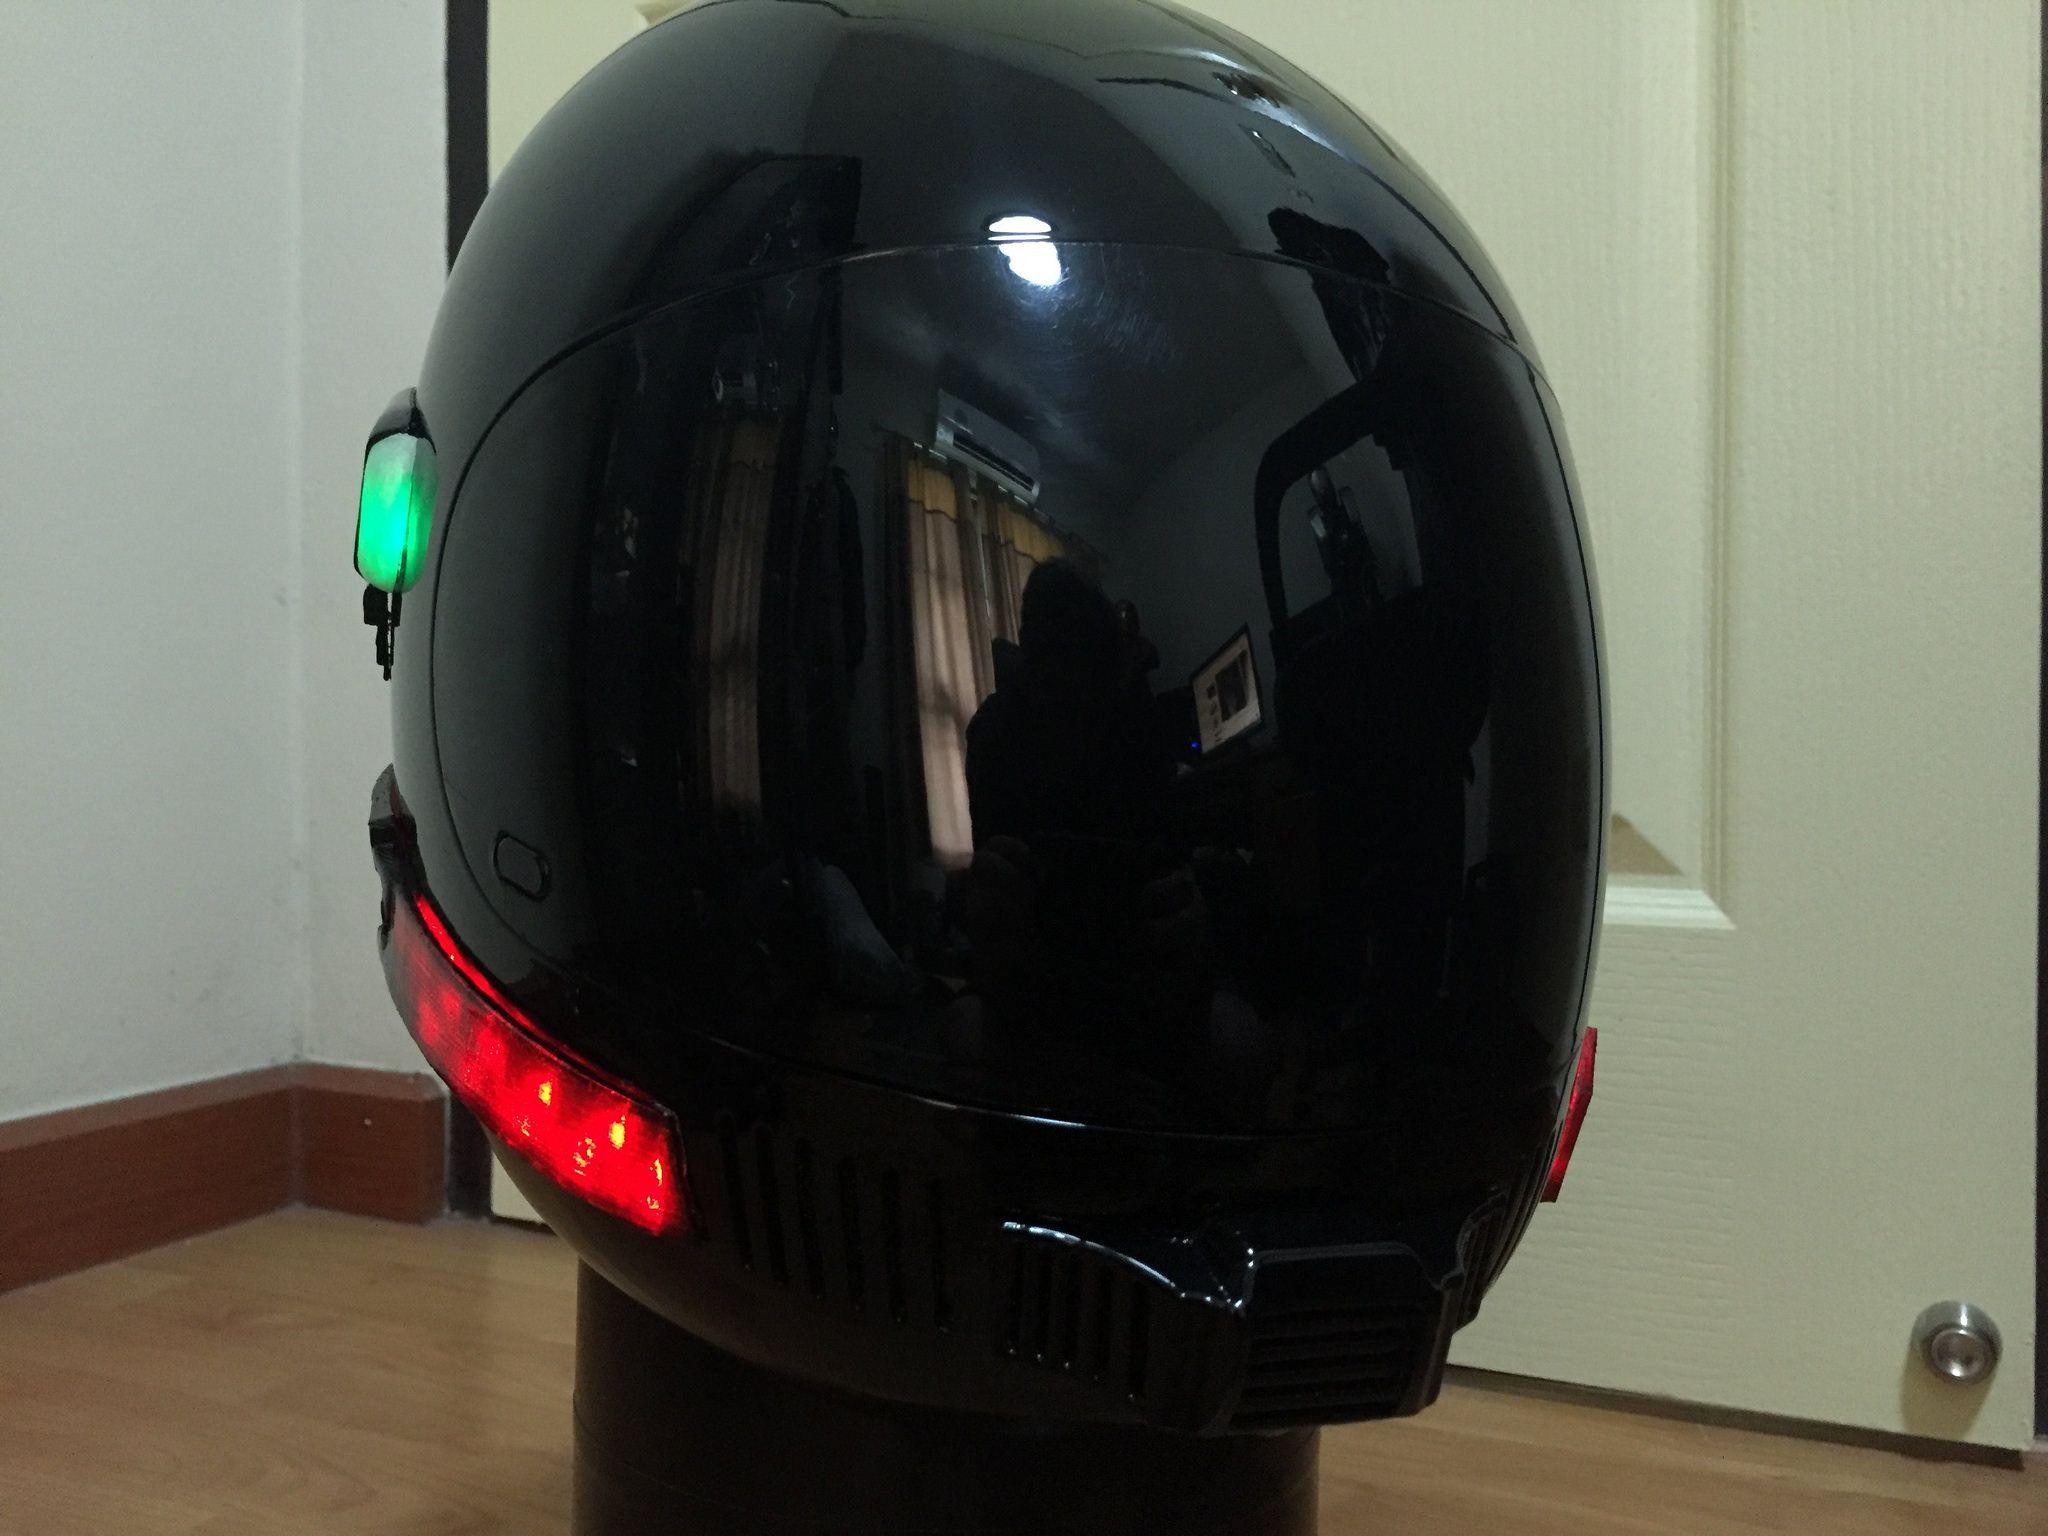 Street Hawk Helmet And 1 6 Bike Helmet Cars Movie Bike